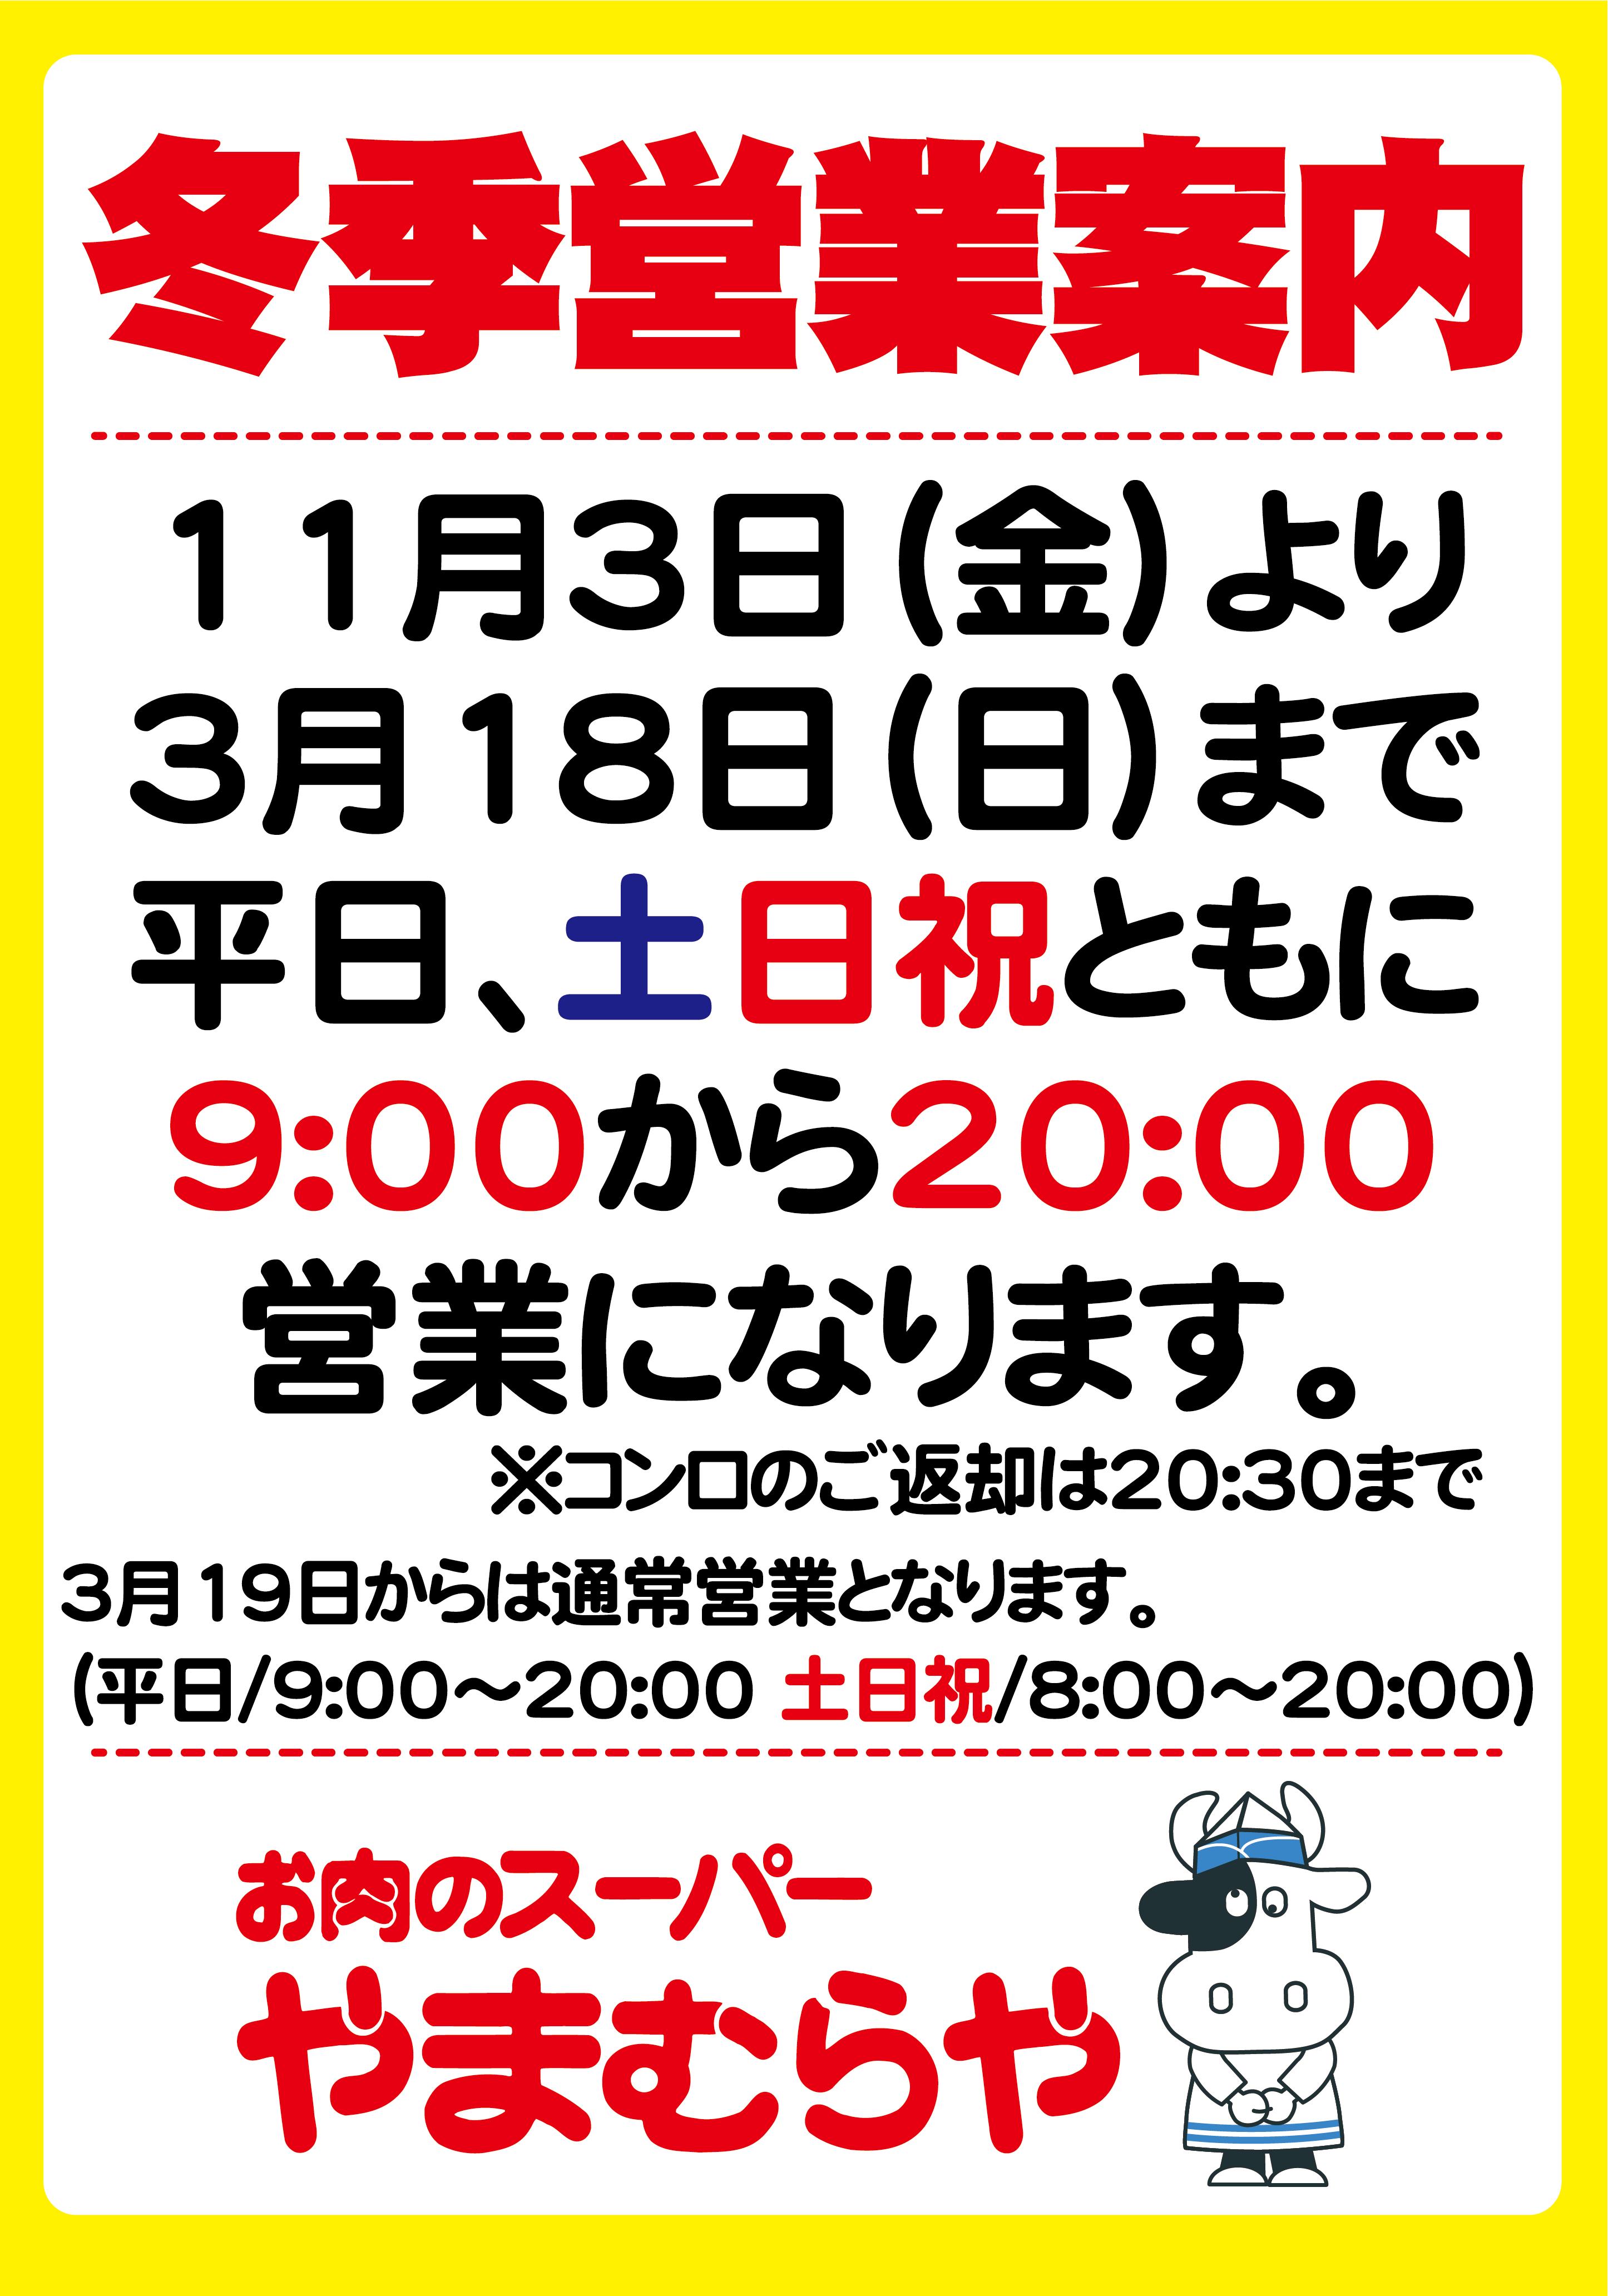 冬季営業案内のお知らせ | 京都・滋賀で焼肉・BBQ用のお肉ならお肉のスーパーやまむらや